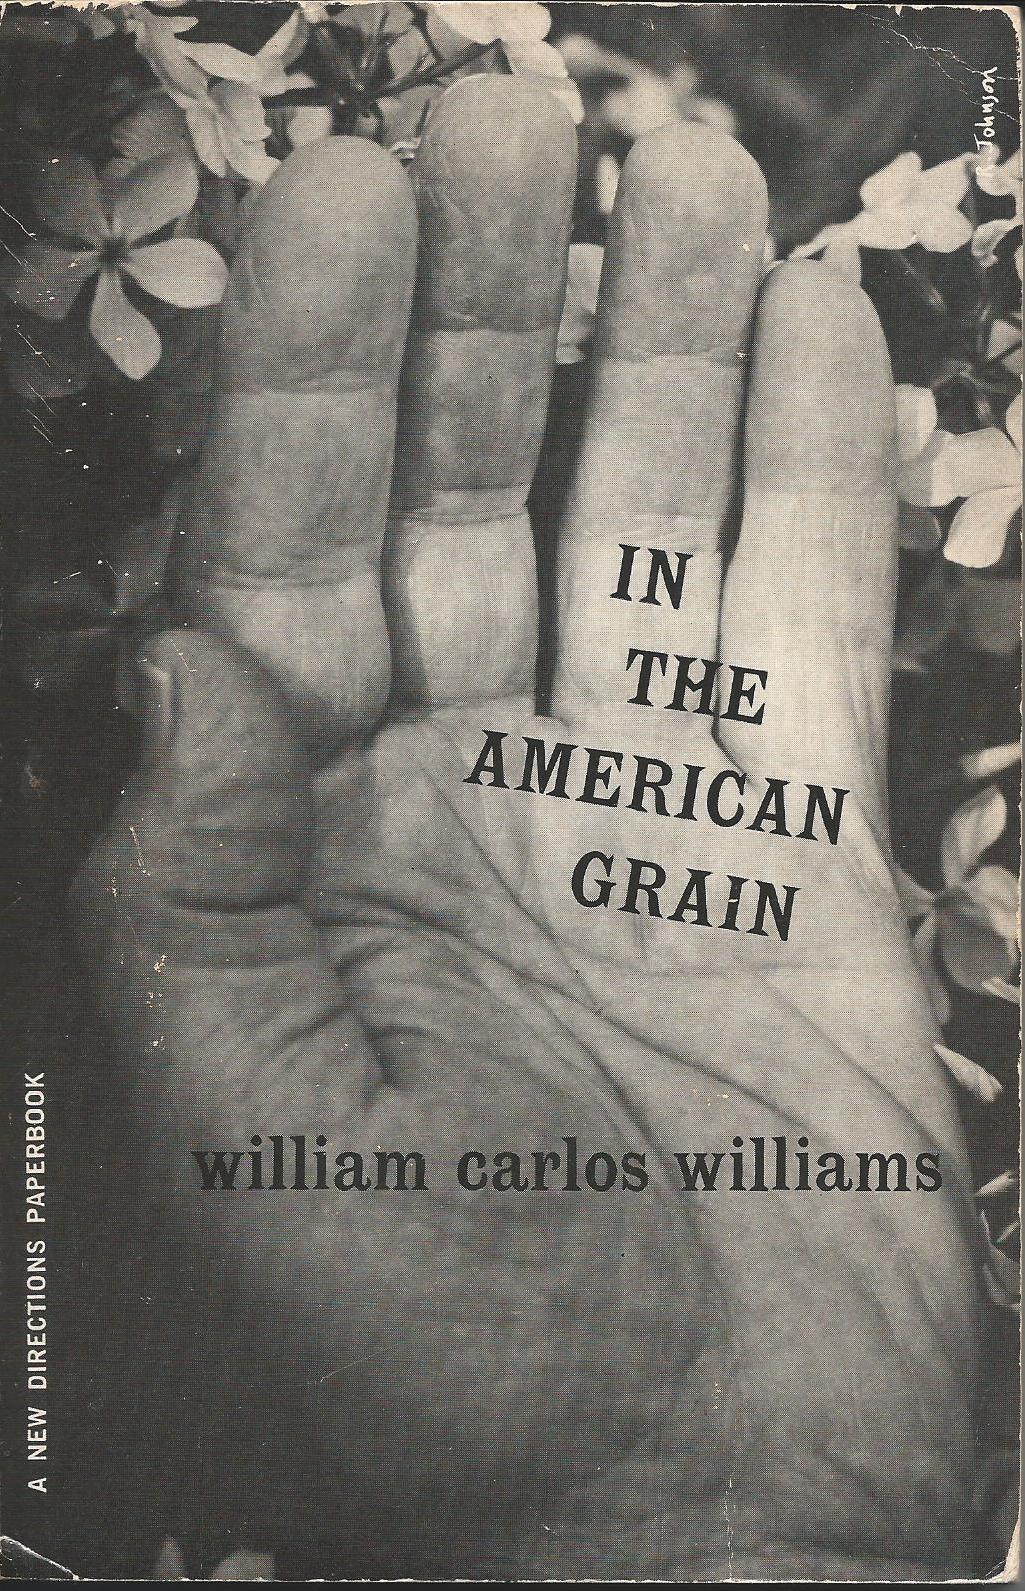 Fig. 14 Ray Johnson, In the American Grain: William Carlos Williams, 1956. © Ray Johnson Estate, Courtesy Richard L. Feigen & Co.